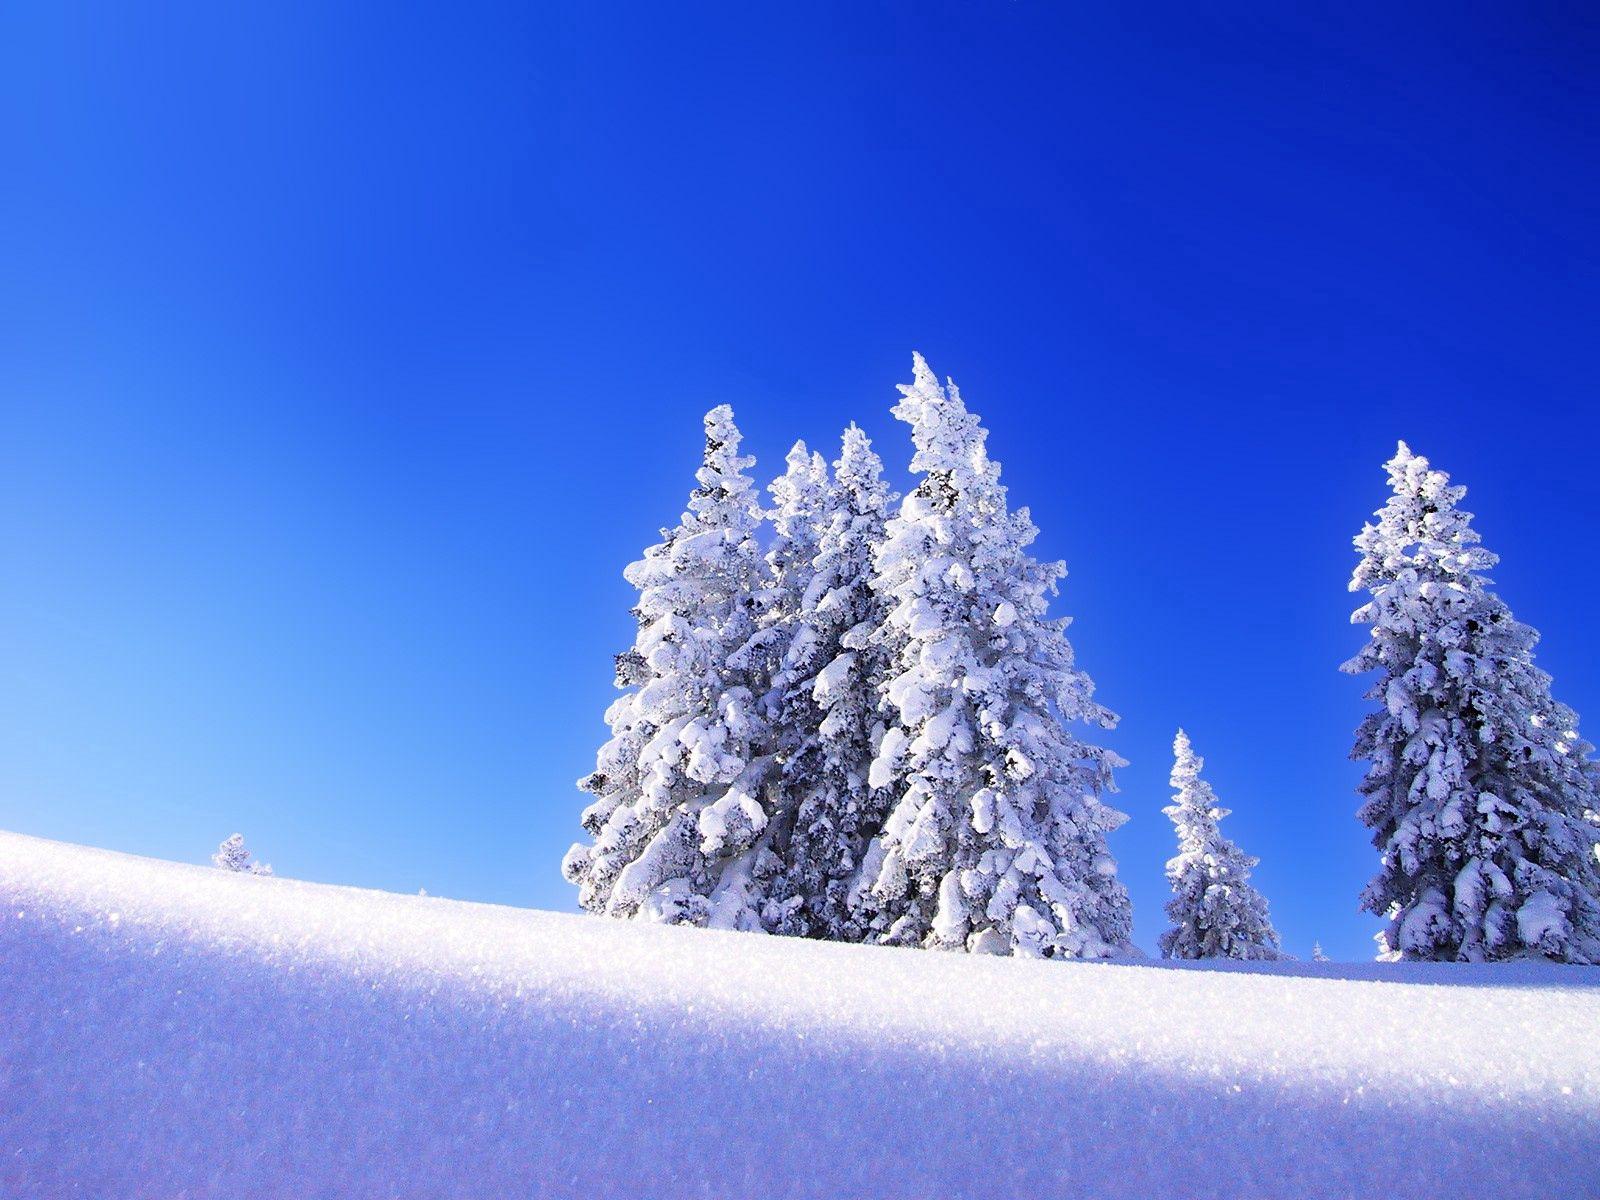 133135 descargar fondo de pantalla Naturaleza, Comió, Ato, Nieve, Invierno, Montaña, Elevación, Subir: protectores de pantalla e imágenes gratis